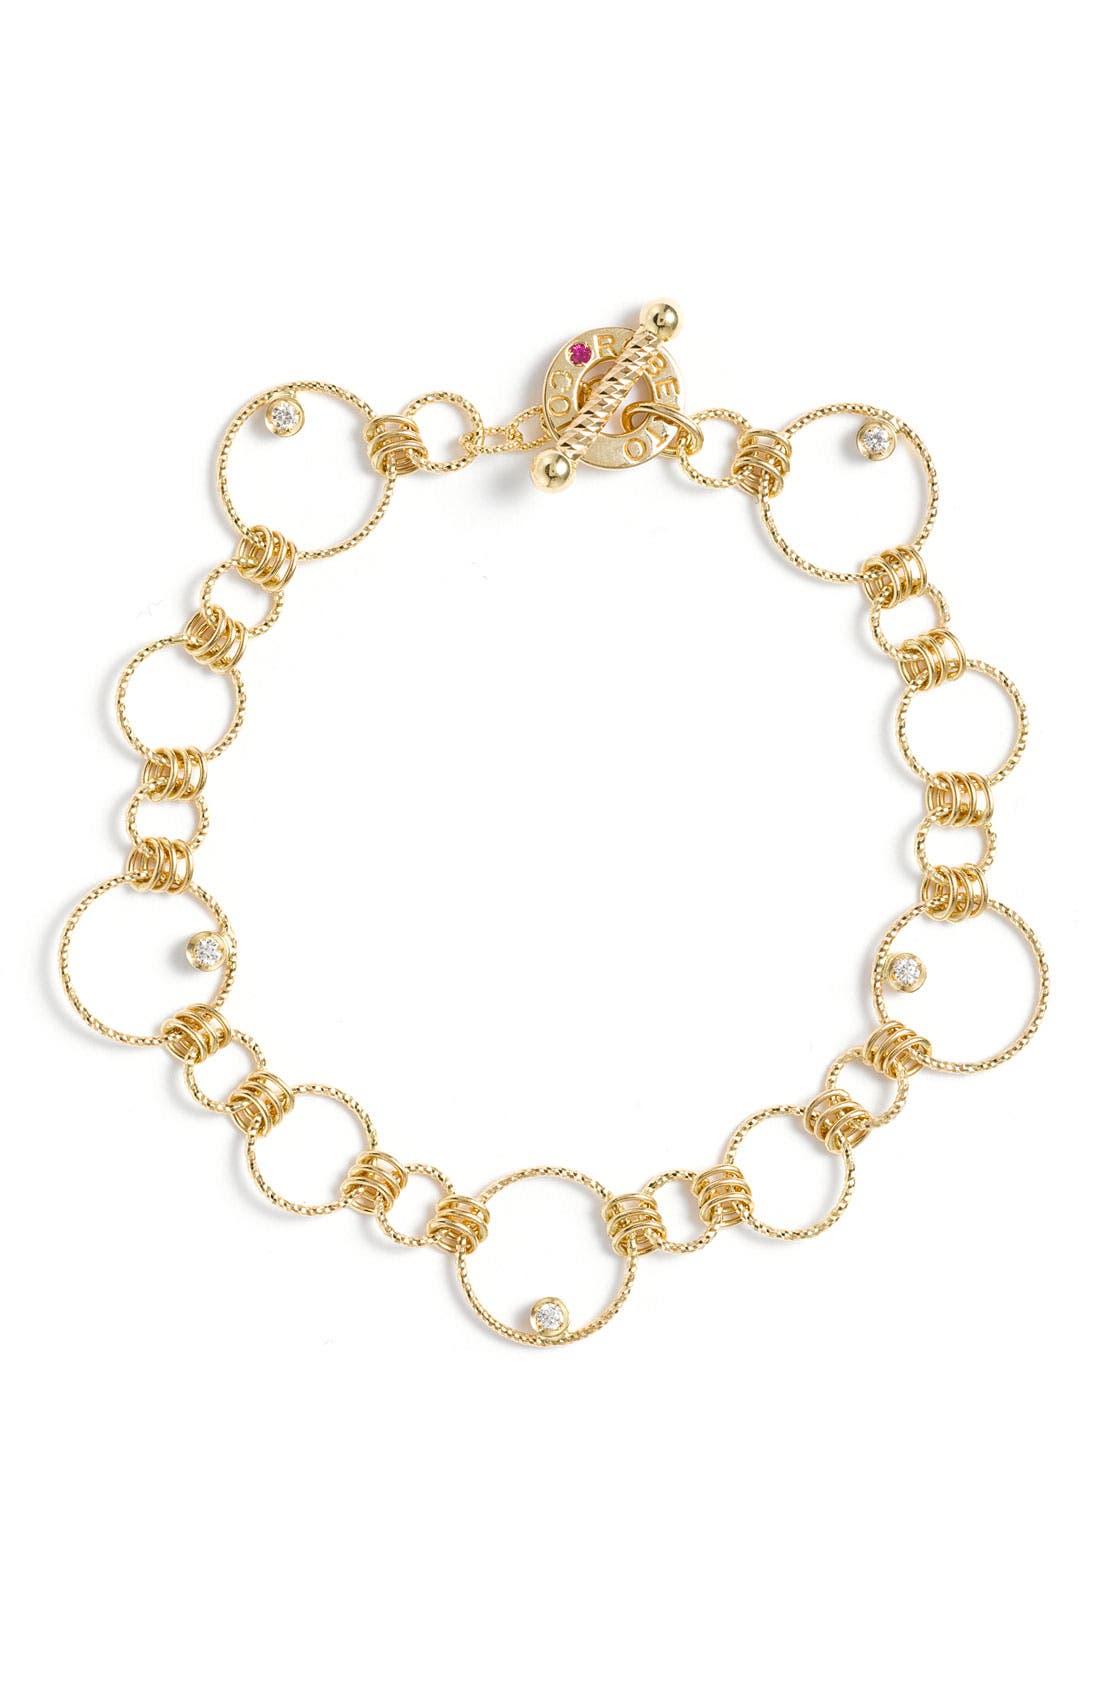 Main Image - Roberto Coin 'Moresque' Diamond Bracelet